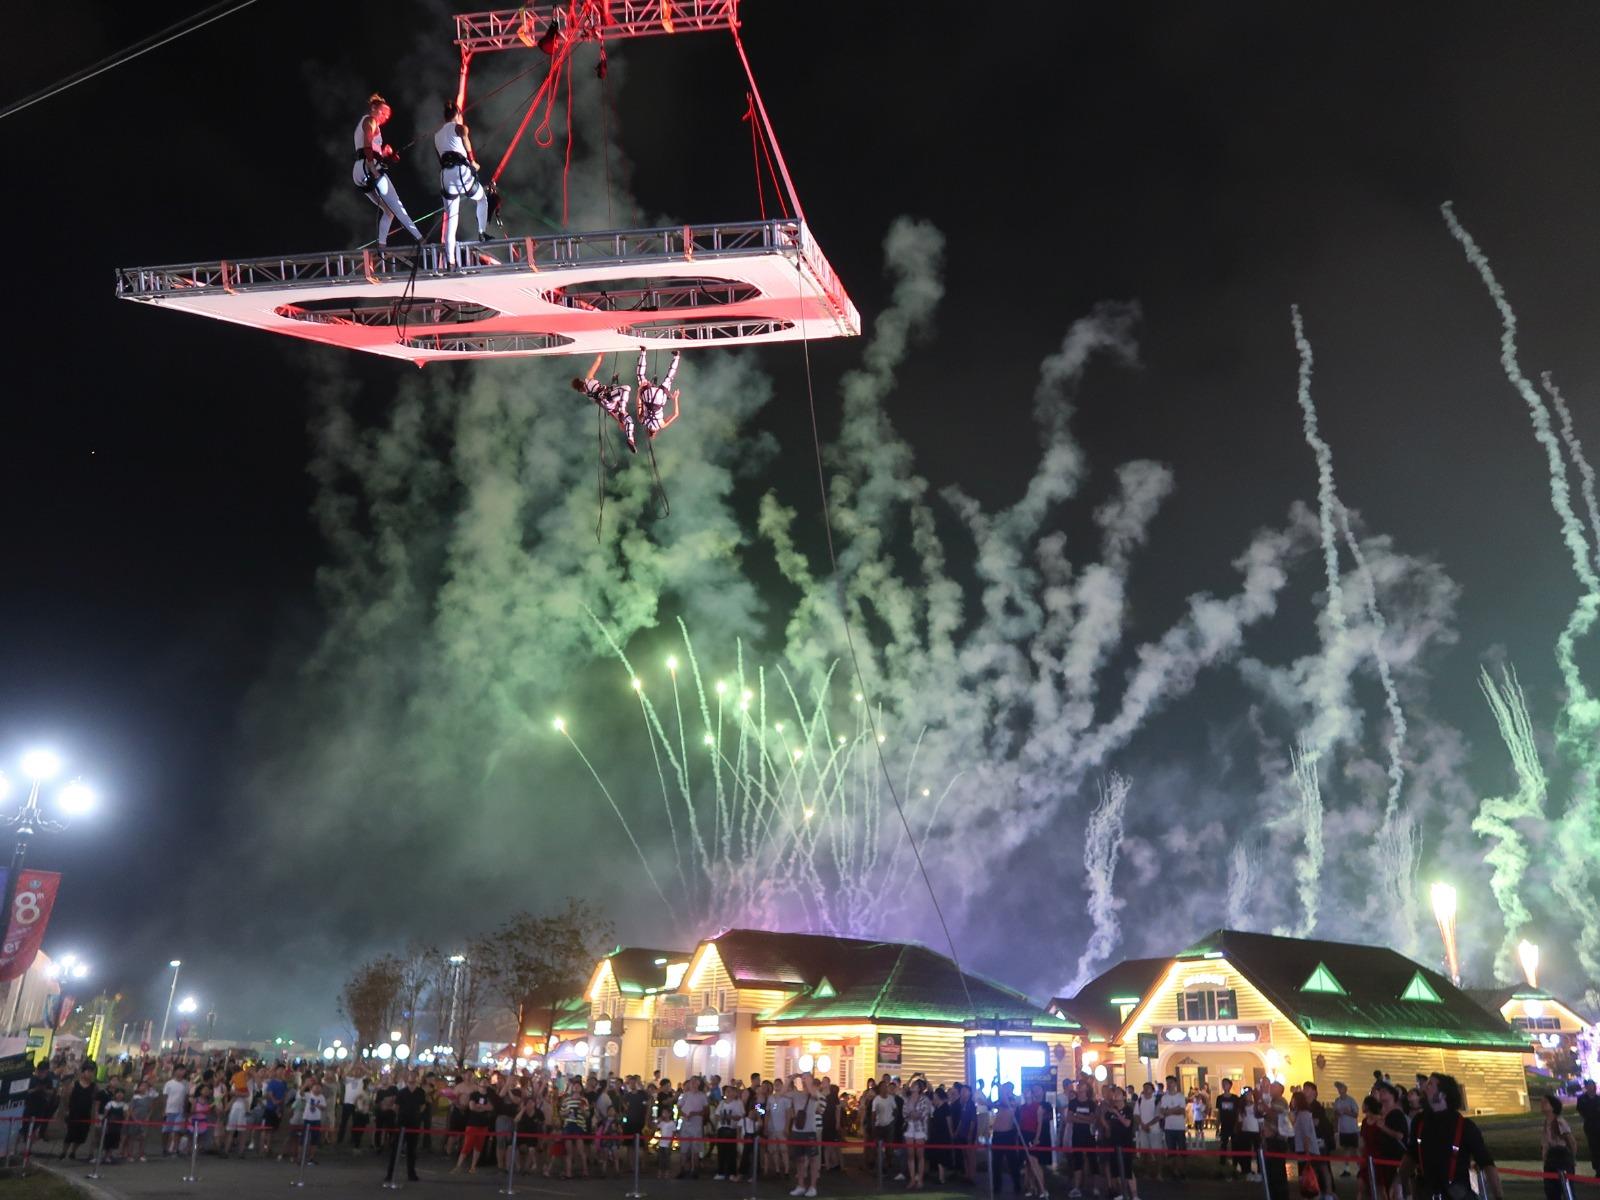 TNTm / FEST Outdoor aduce zburatori si iluzii optice pe platoul din fata Teatrului National din Timisoara